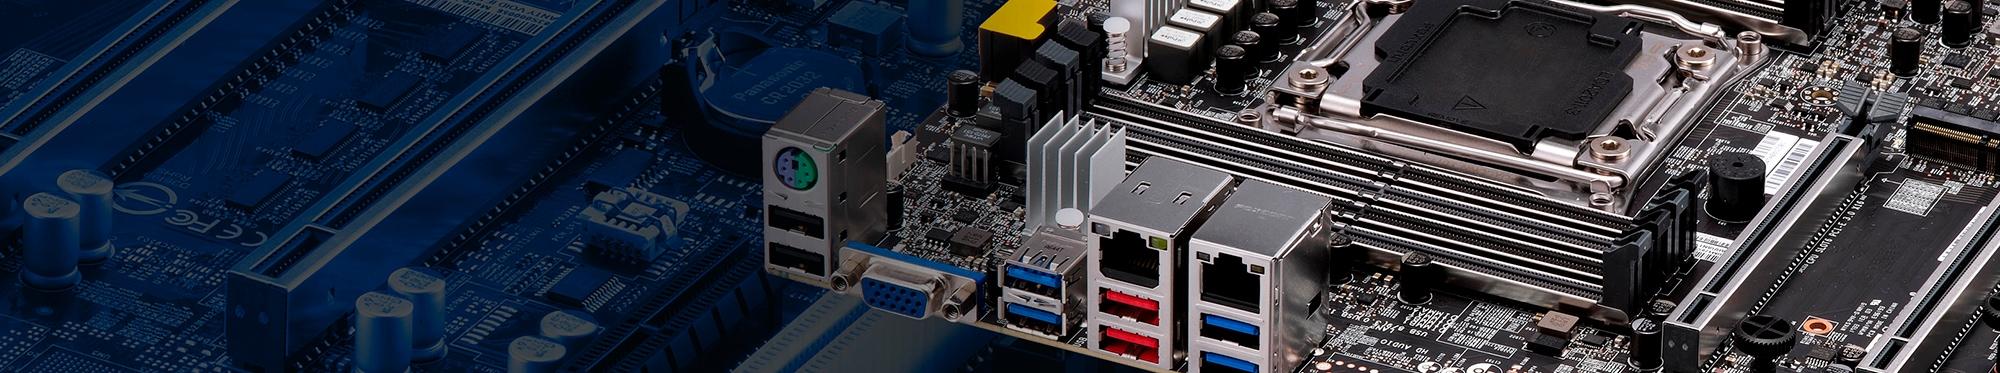 Workstation Boards | Super Micro Computer, Inc